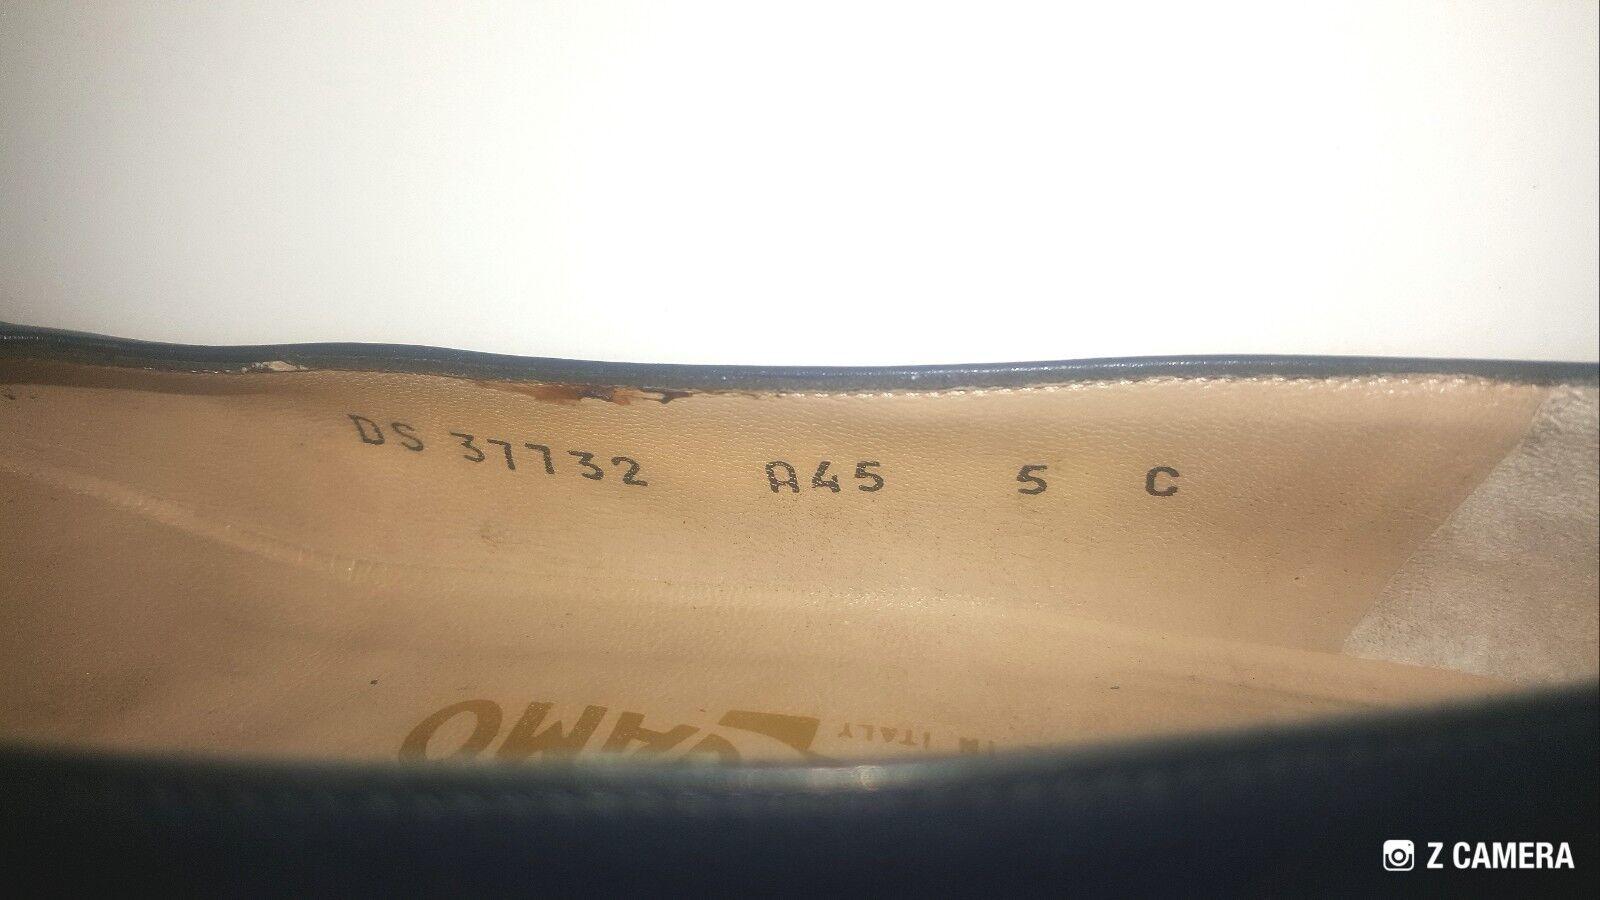 Salvatore Ferragamo Vintage Navy Größe Blau w/ Gold Bow Größe Navy 5 6589d1